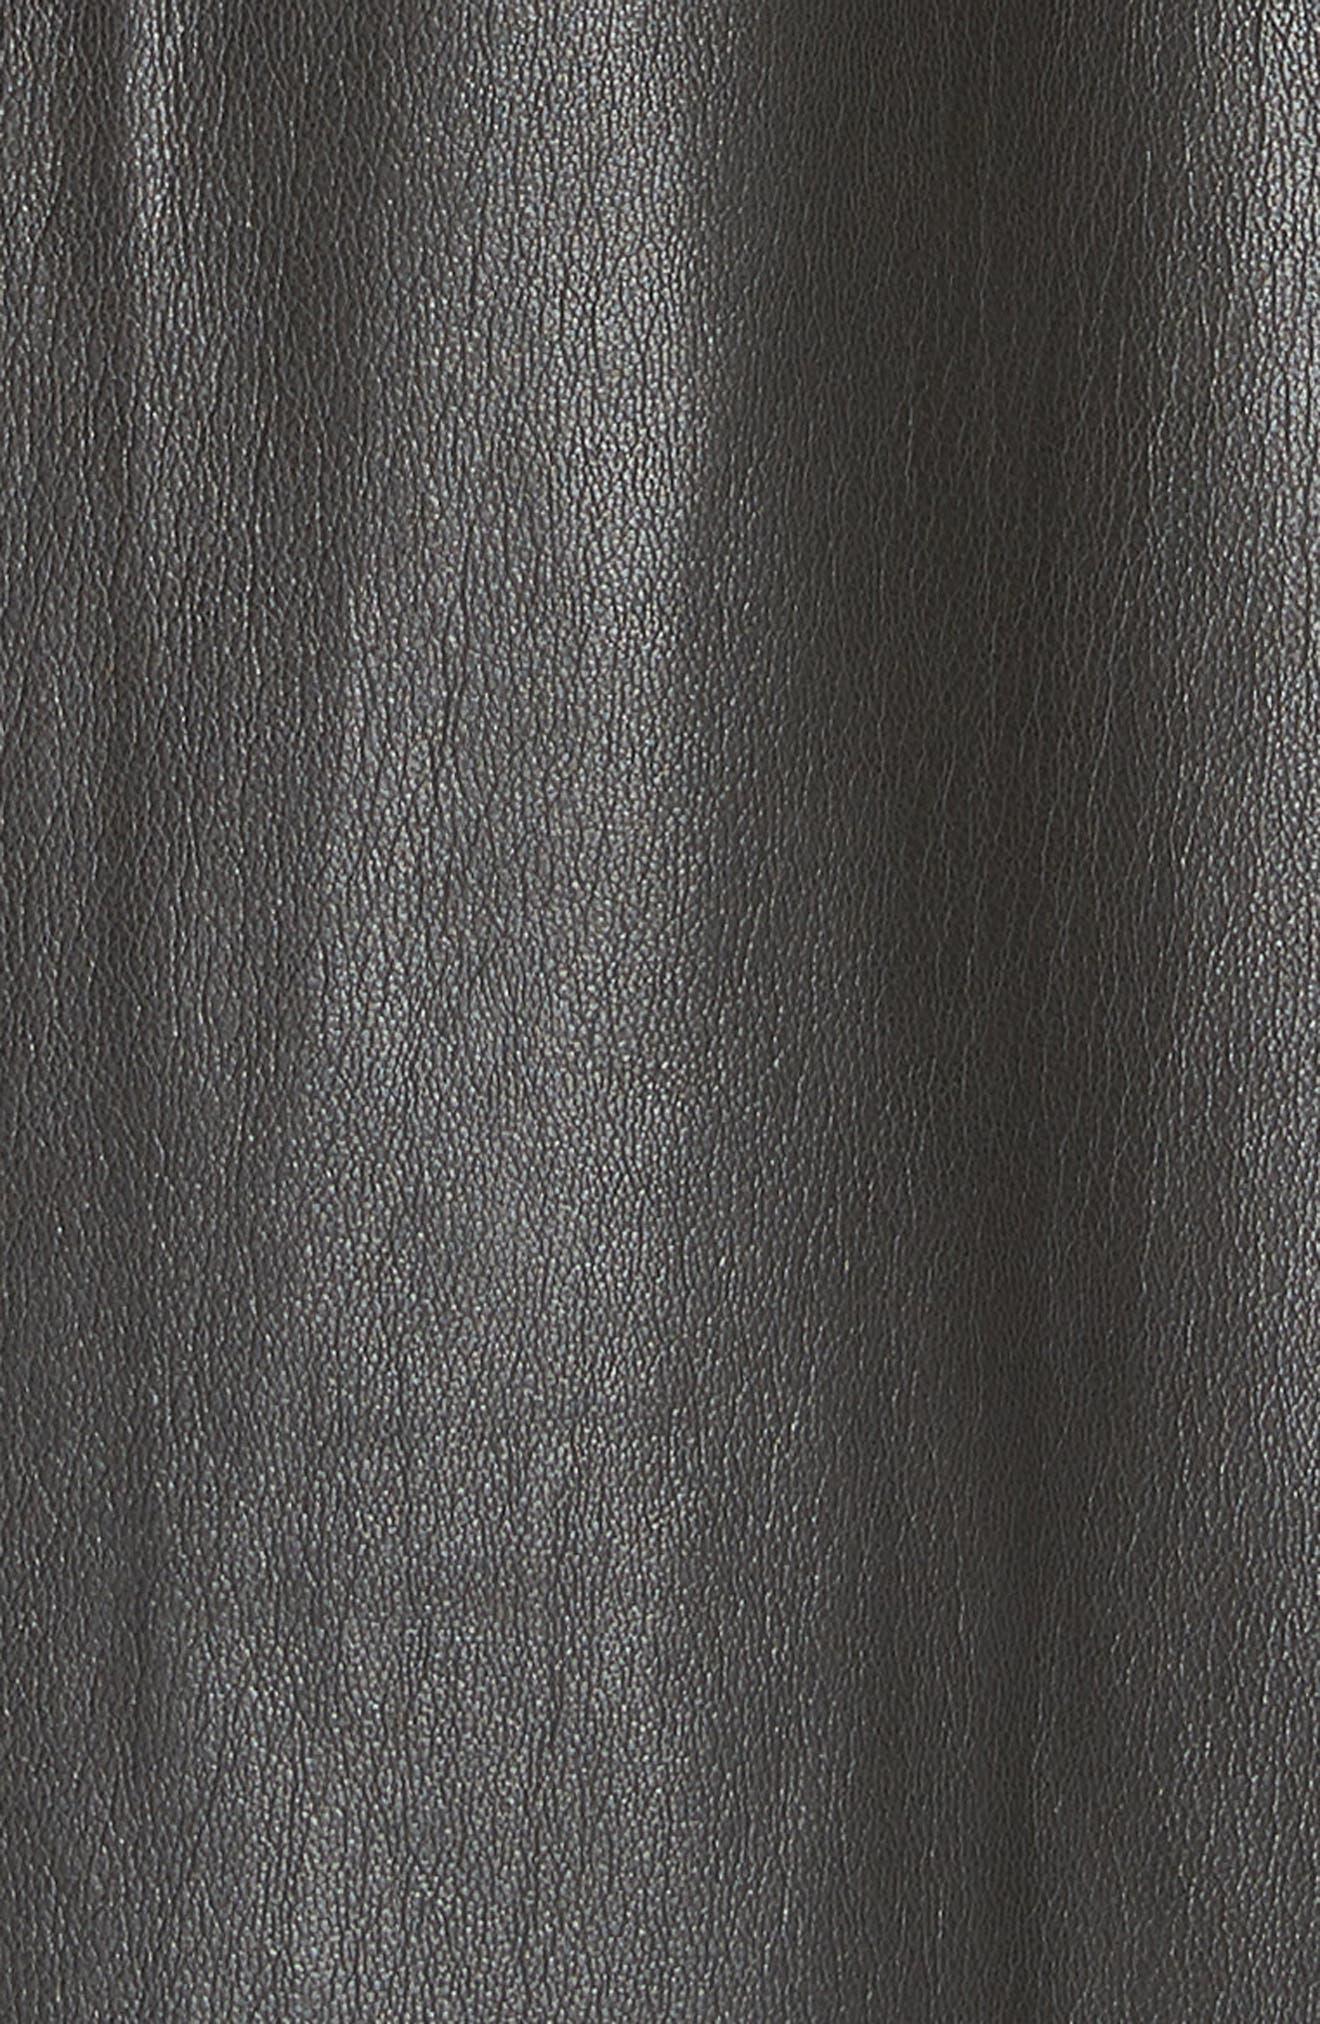 Penelope Faux Leather Wrap Dress,                             Alternate thumbnail 5, color,                             BLACK